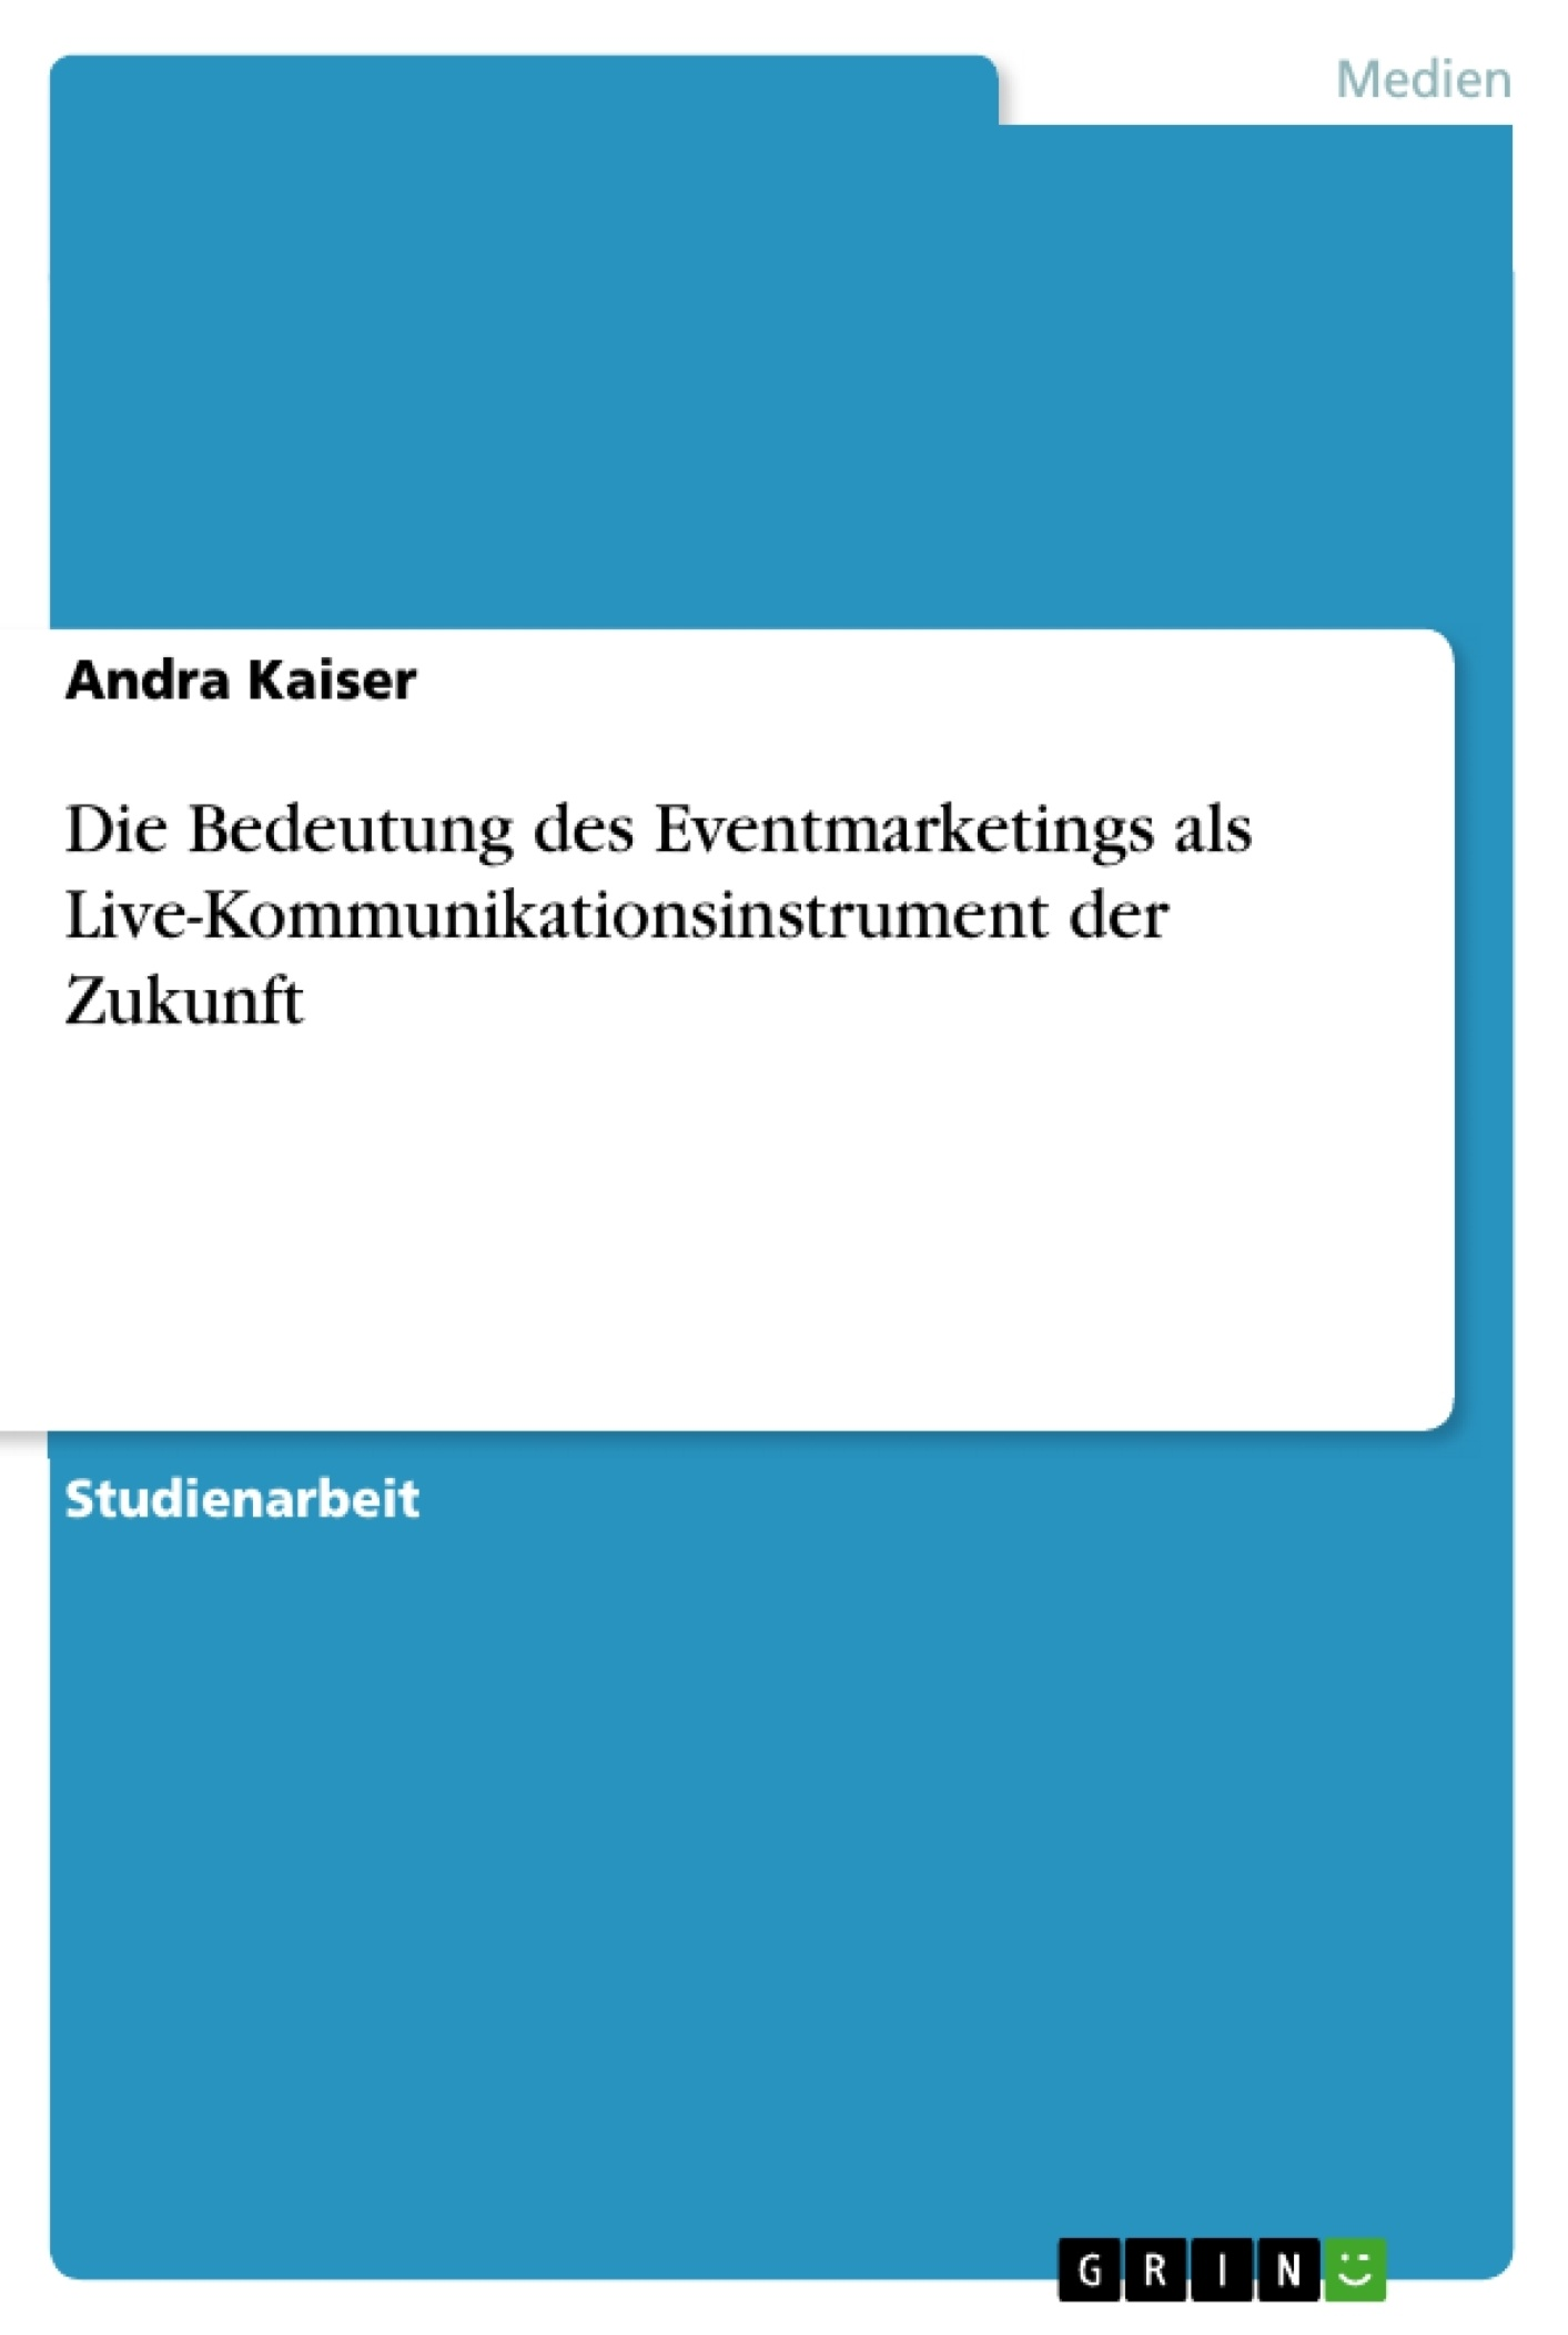 Titel: Die Bedeutung des Eventmarketings als Live-Kommunikationsinstrument der Zukunft